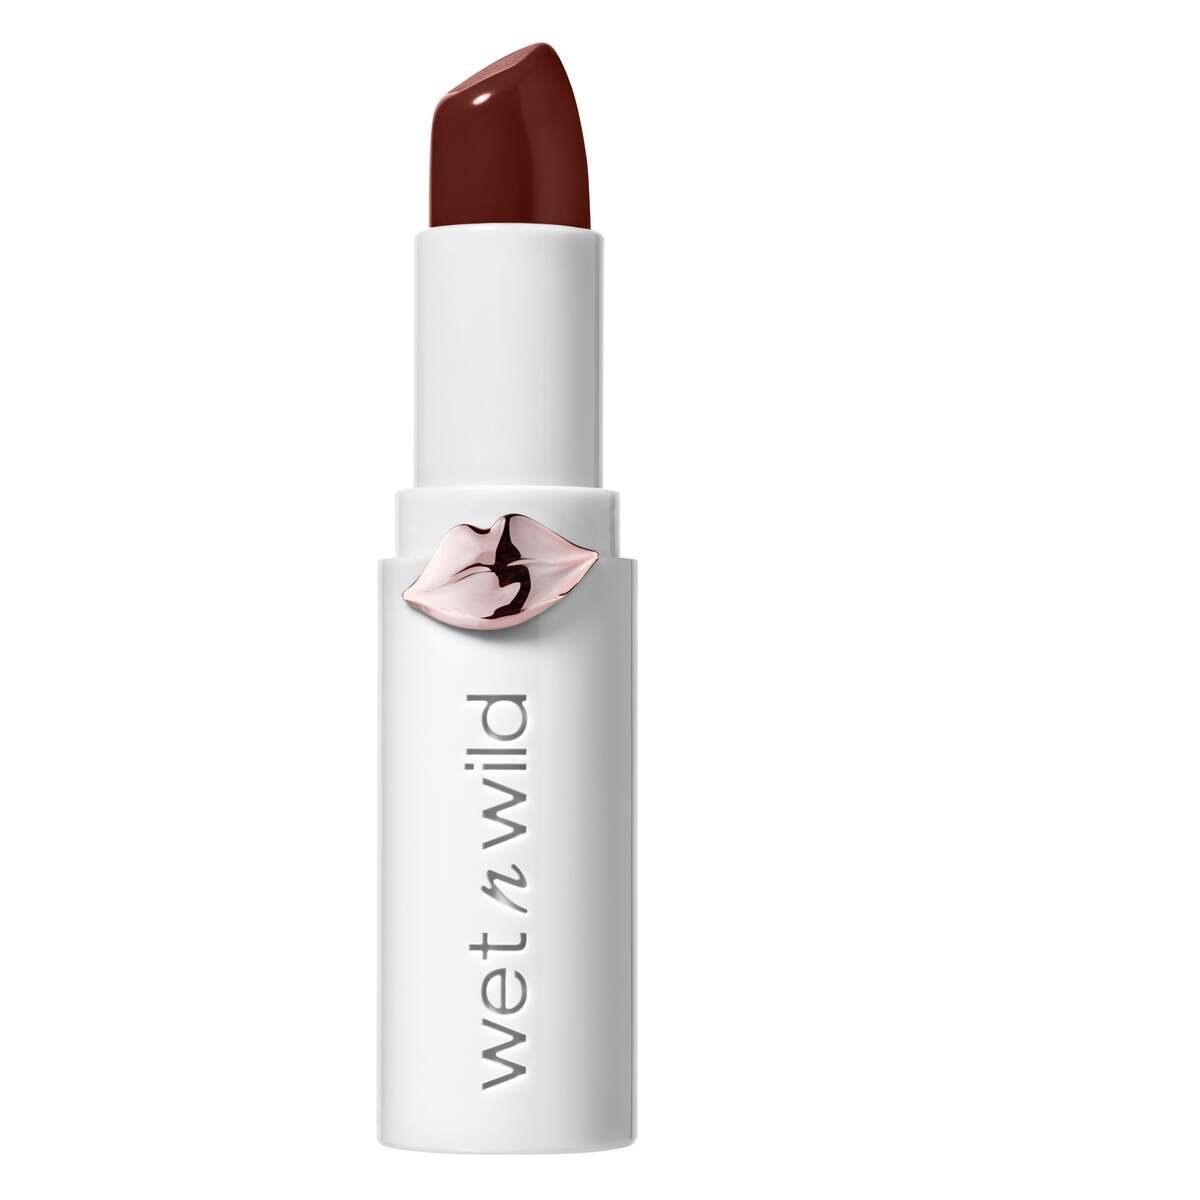 Bild 1 von wet n wild Megalast Lipstick Shine Finish - JAM WITH ME